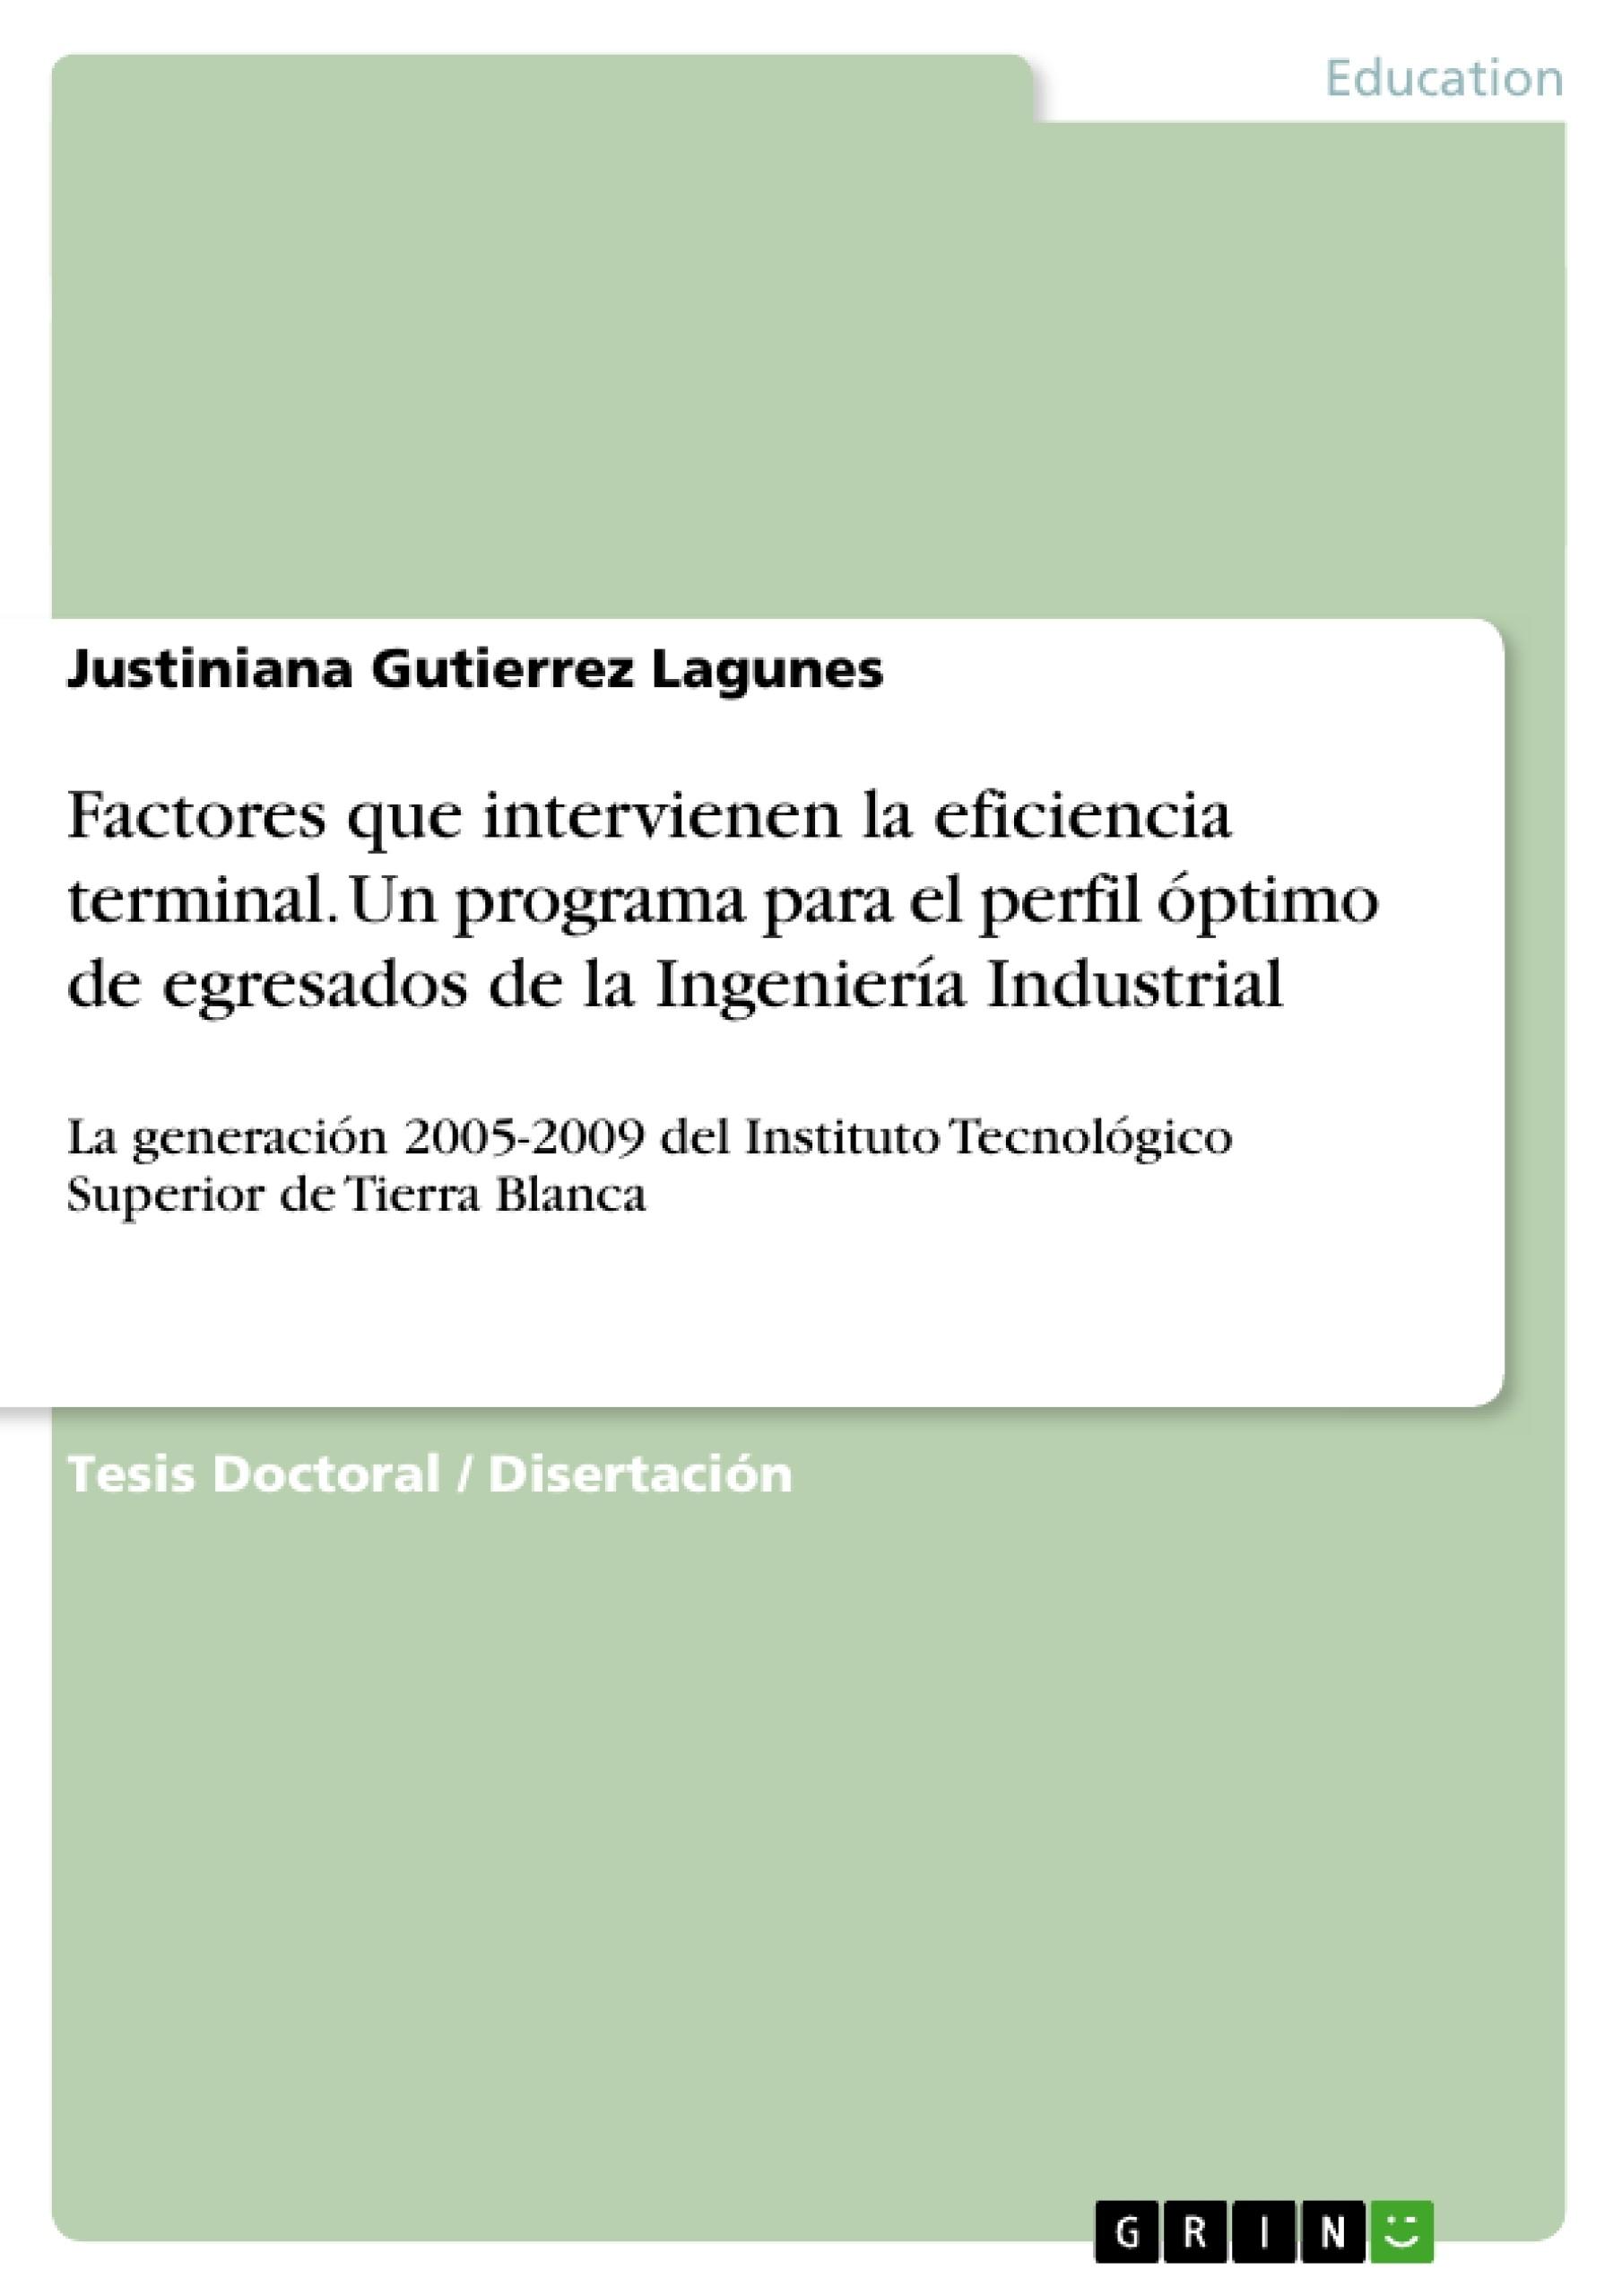 Título: Factores que intervienen la eficiencia terminal. Un programa para el perfil óptimo de egresados de la Ingeniería Industrial